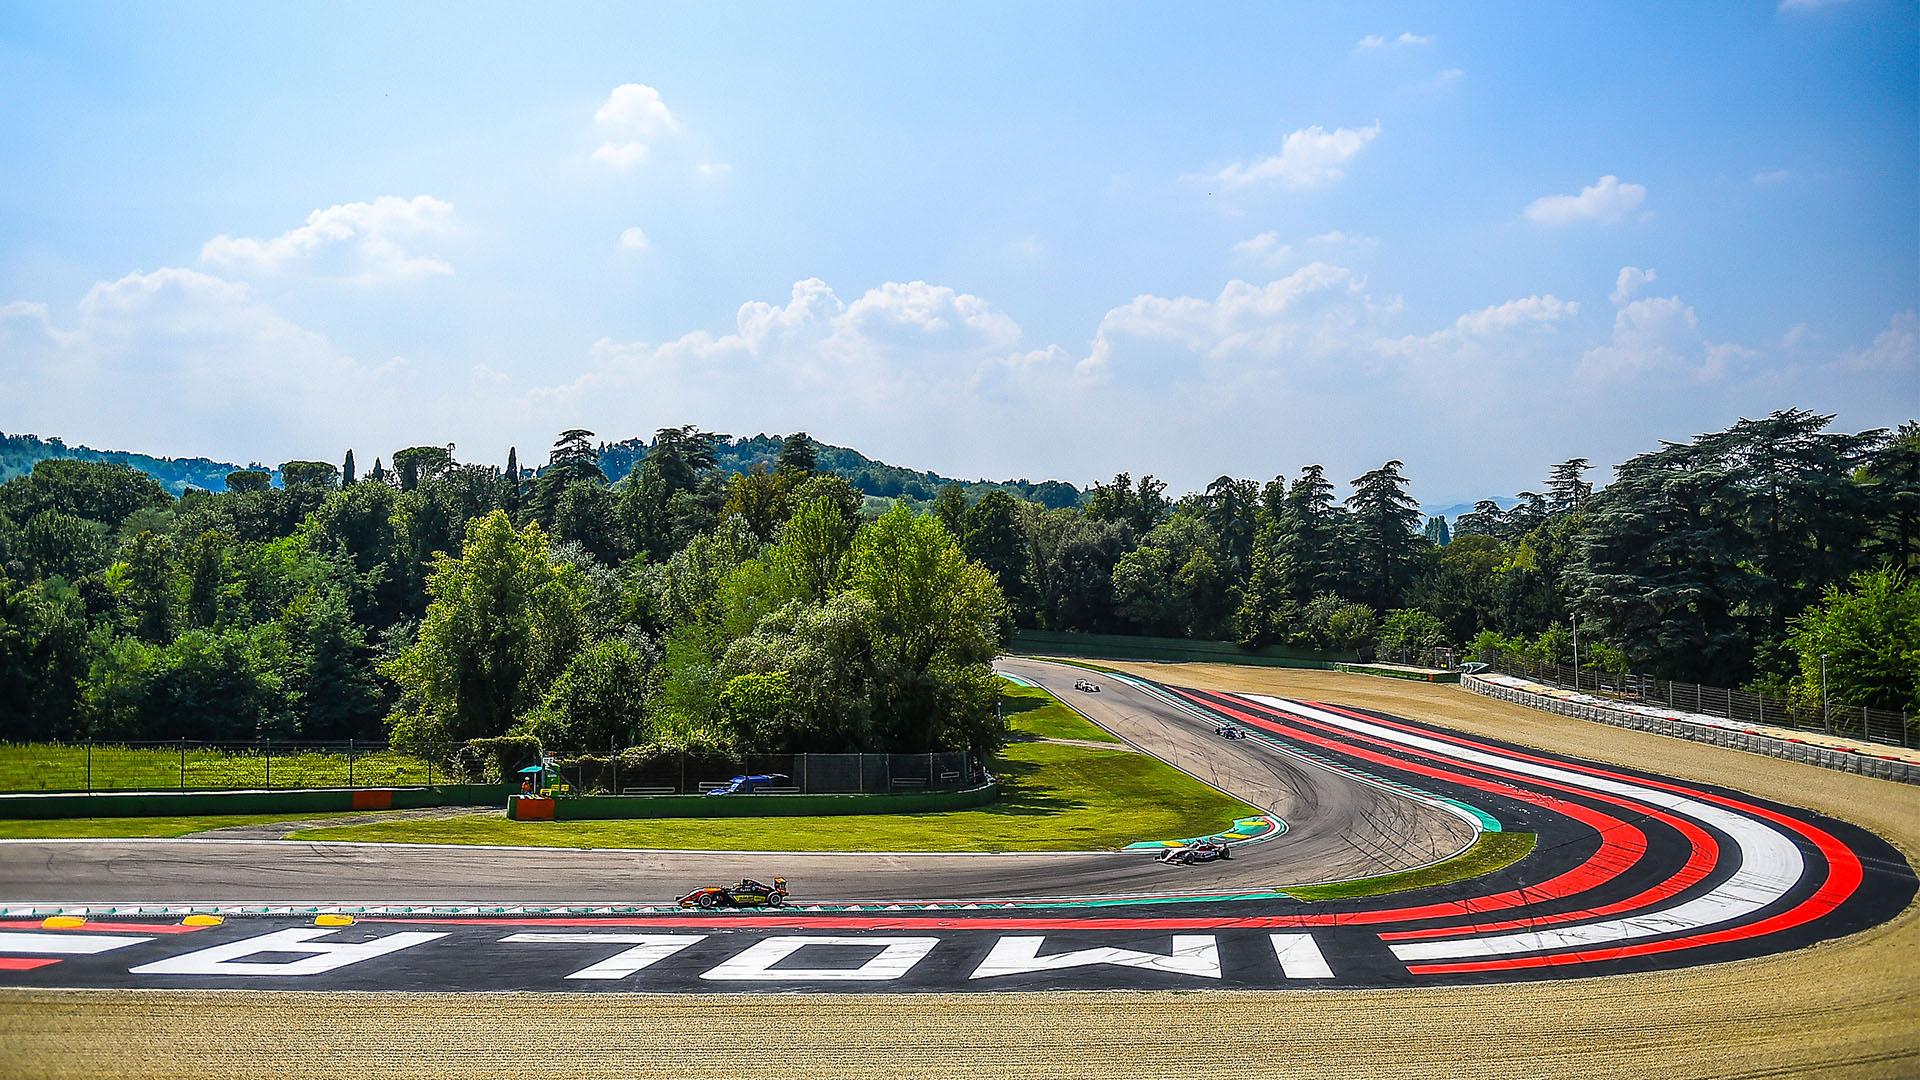 Sky Sport F1 Diretta Gp Emilia Romagna 2020 Imola Live Su Tv8 Digital News